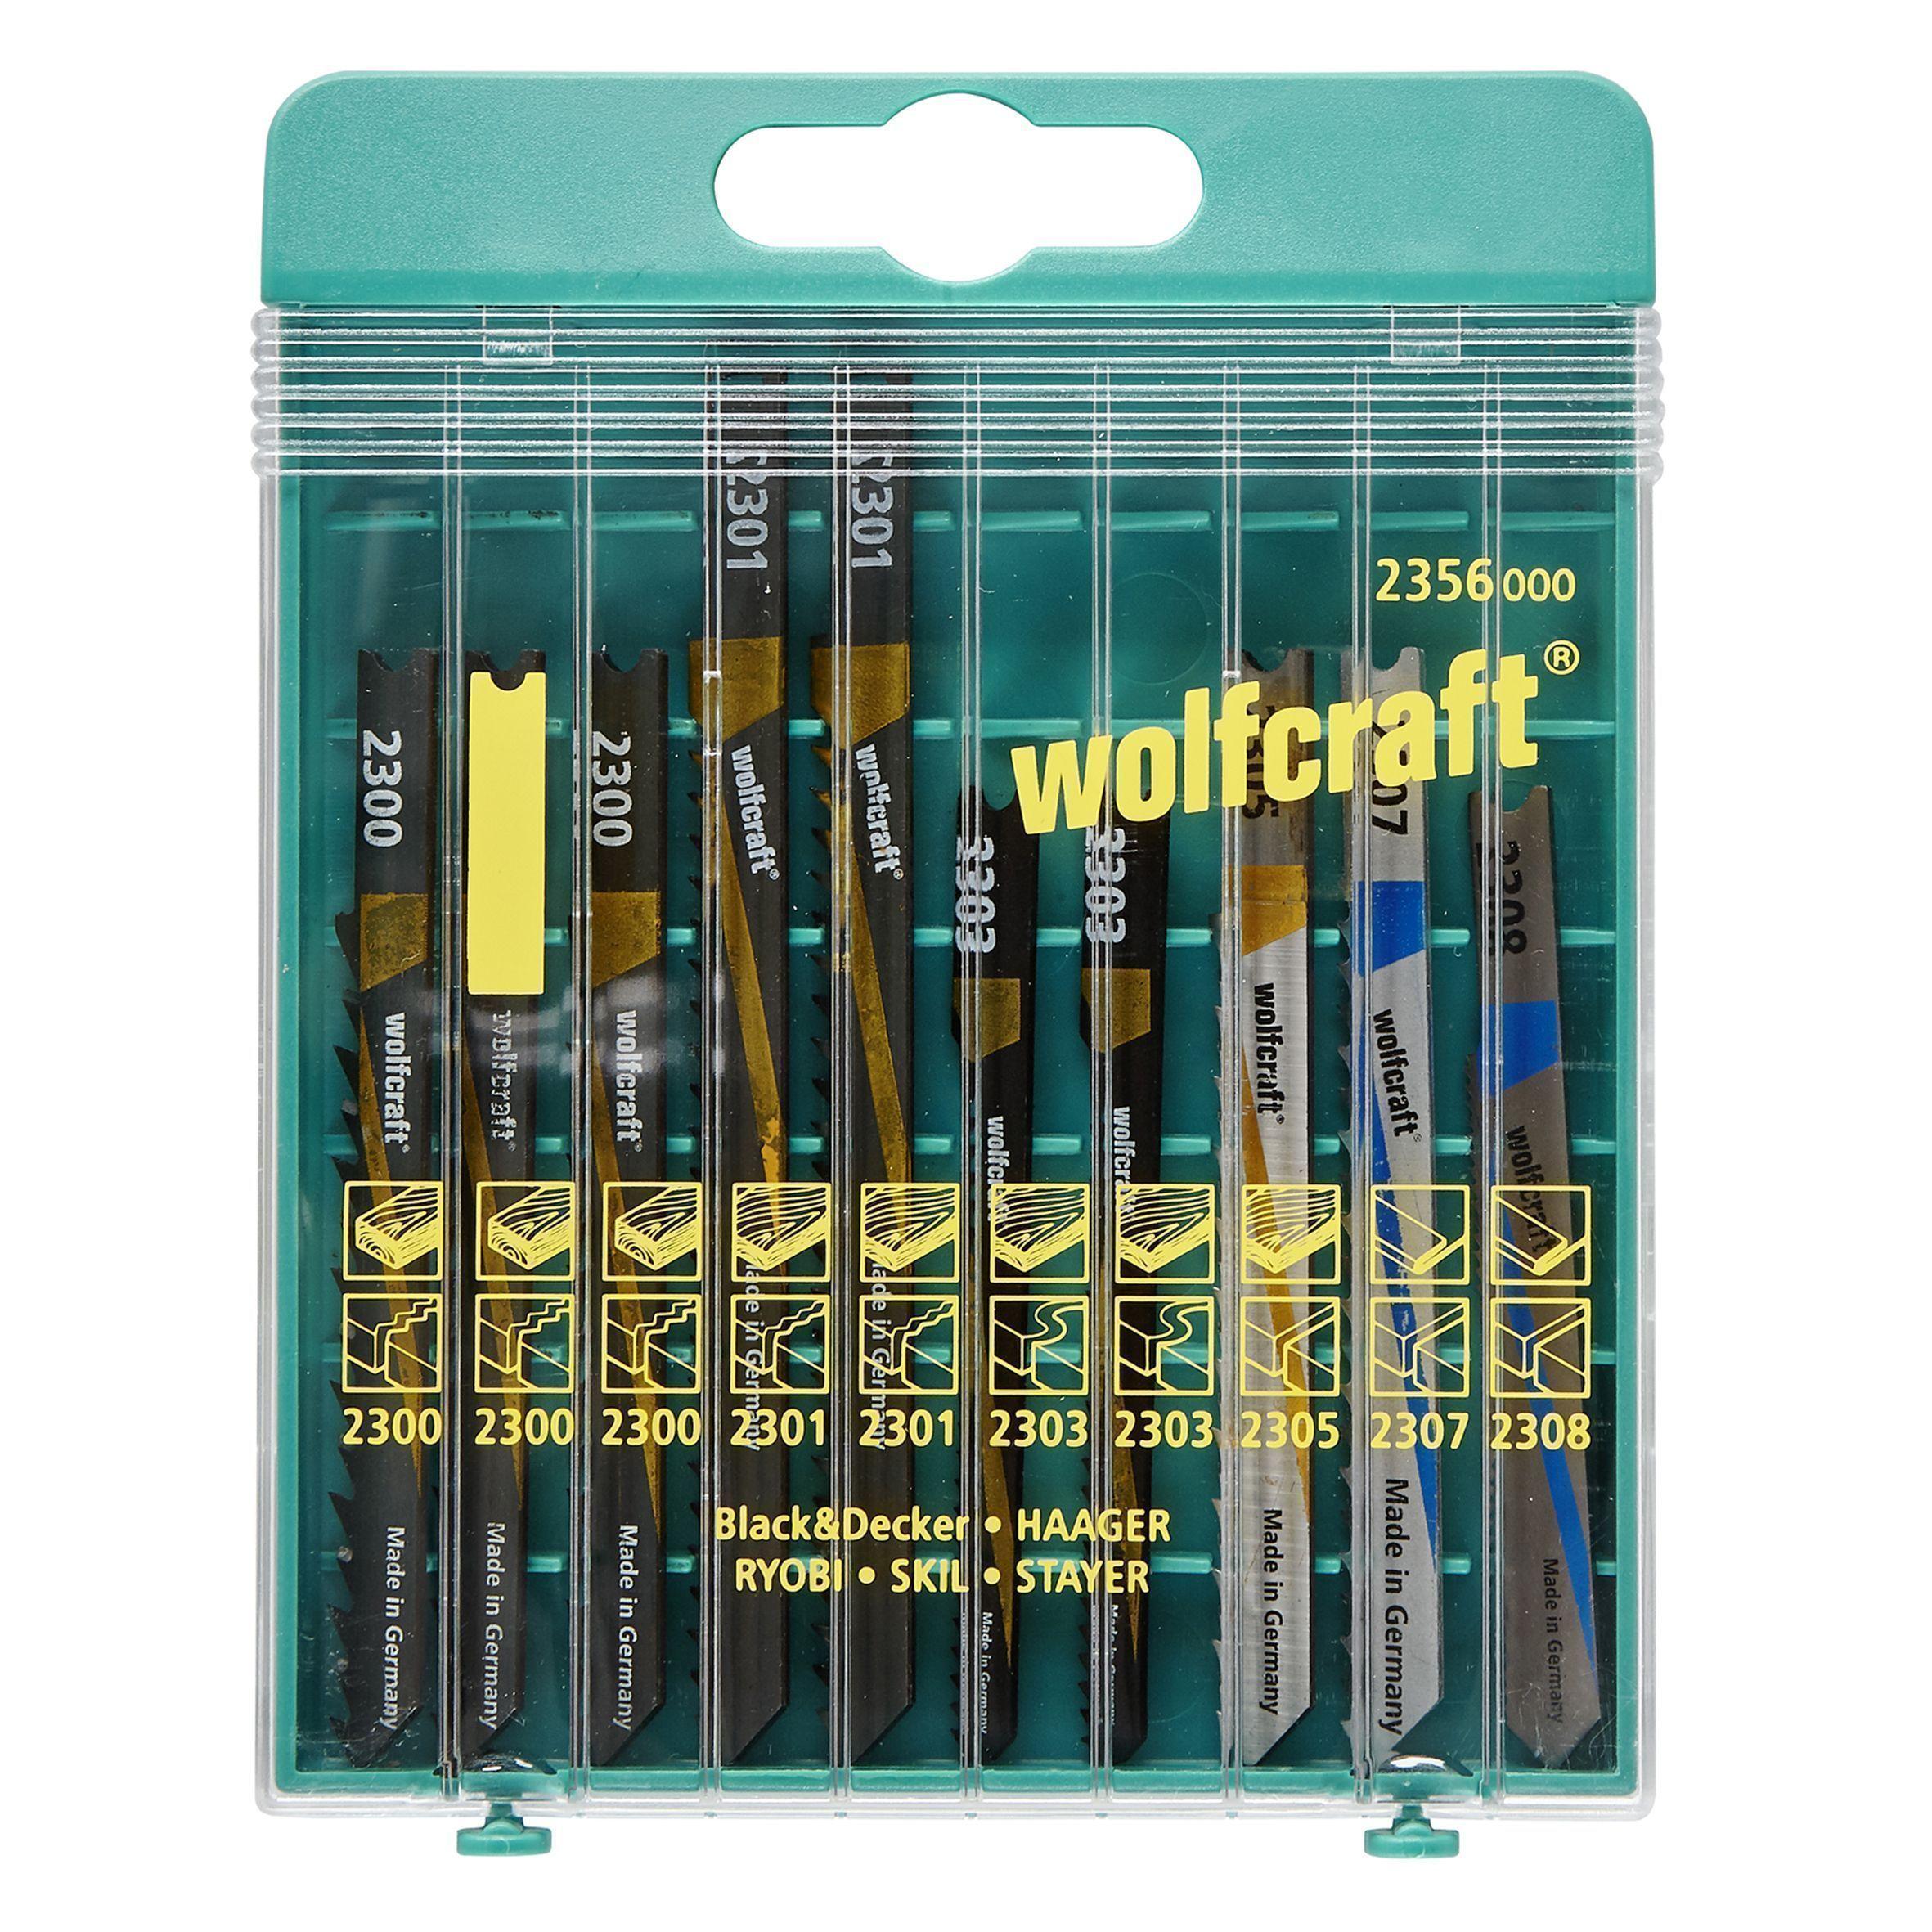 Coffret de 10 lames pour scies sauteuses Wolfcraft - (Via 3€ sur la carte de fidélité)